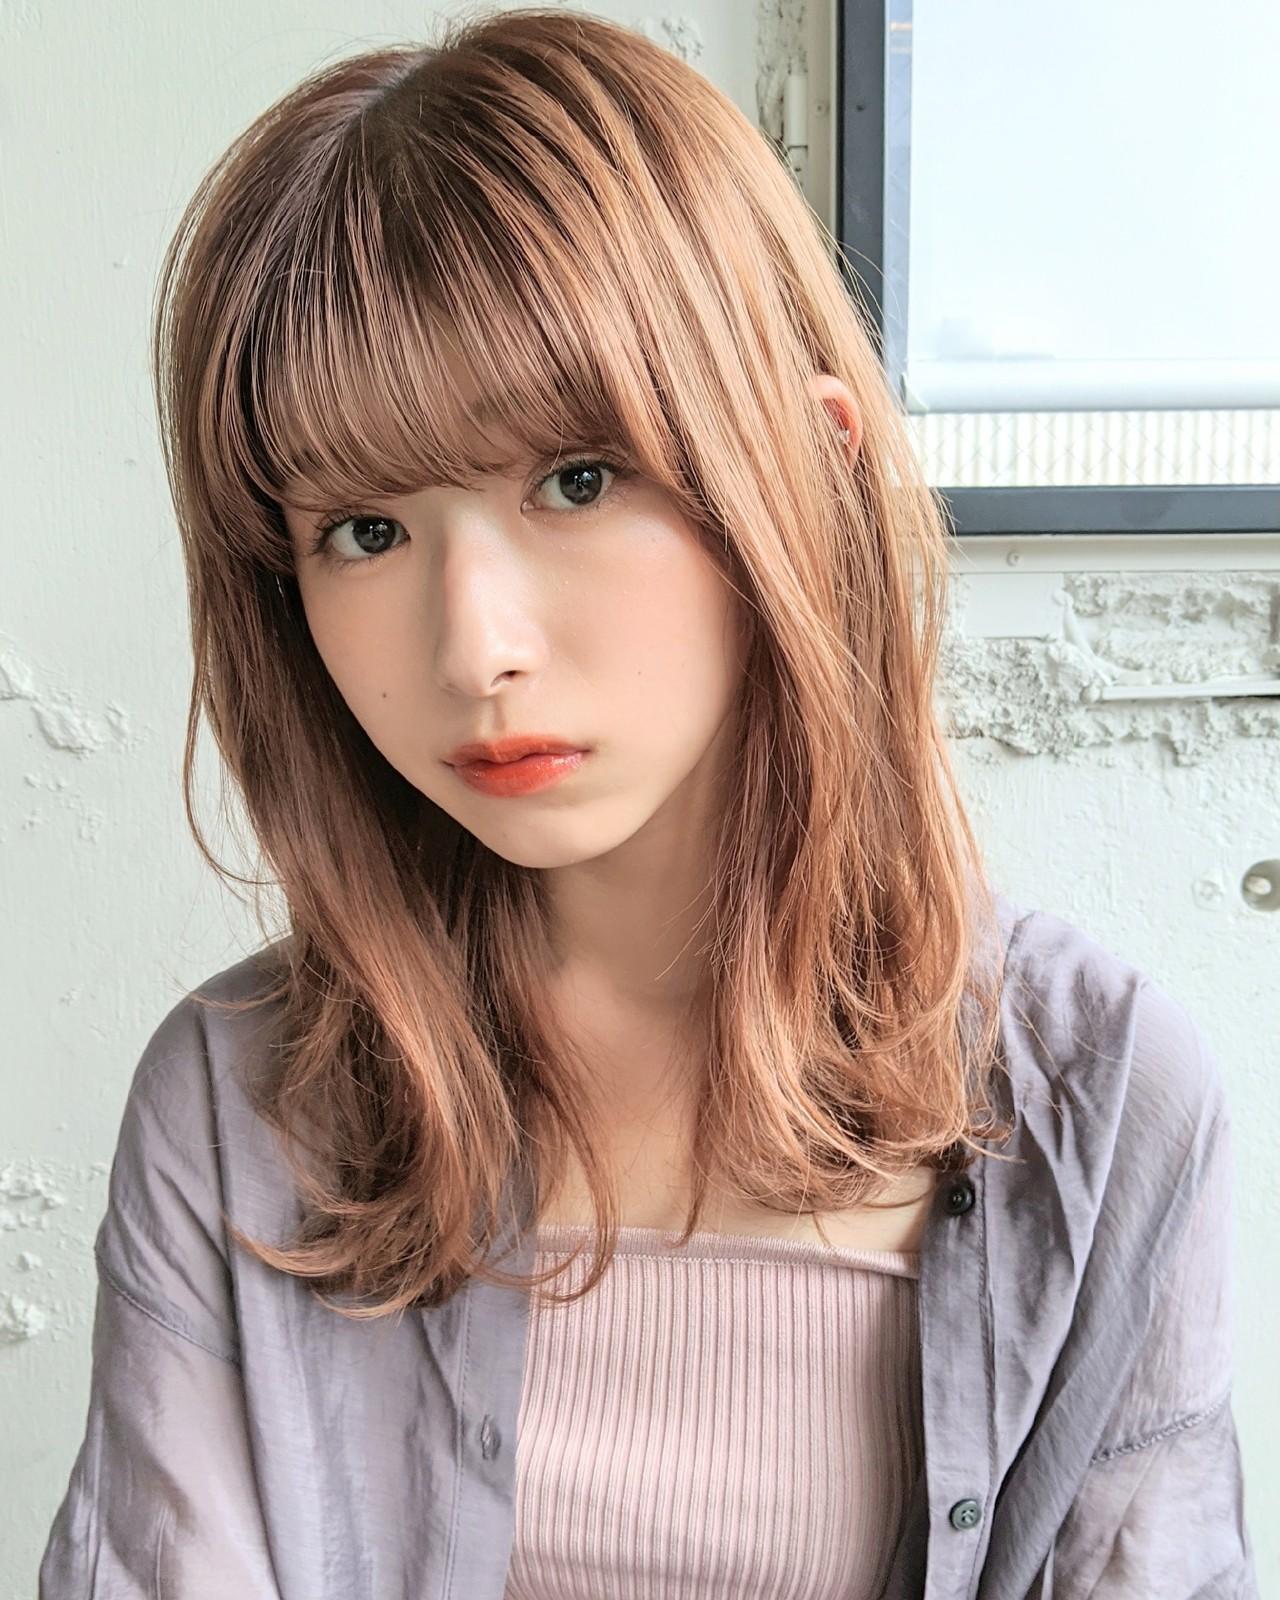 ウルフカット 大人カジュアル コテ巻き ベリーショートヘアスタイルや髪型の写真・画像